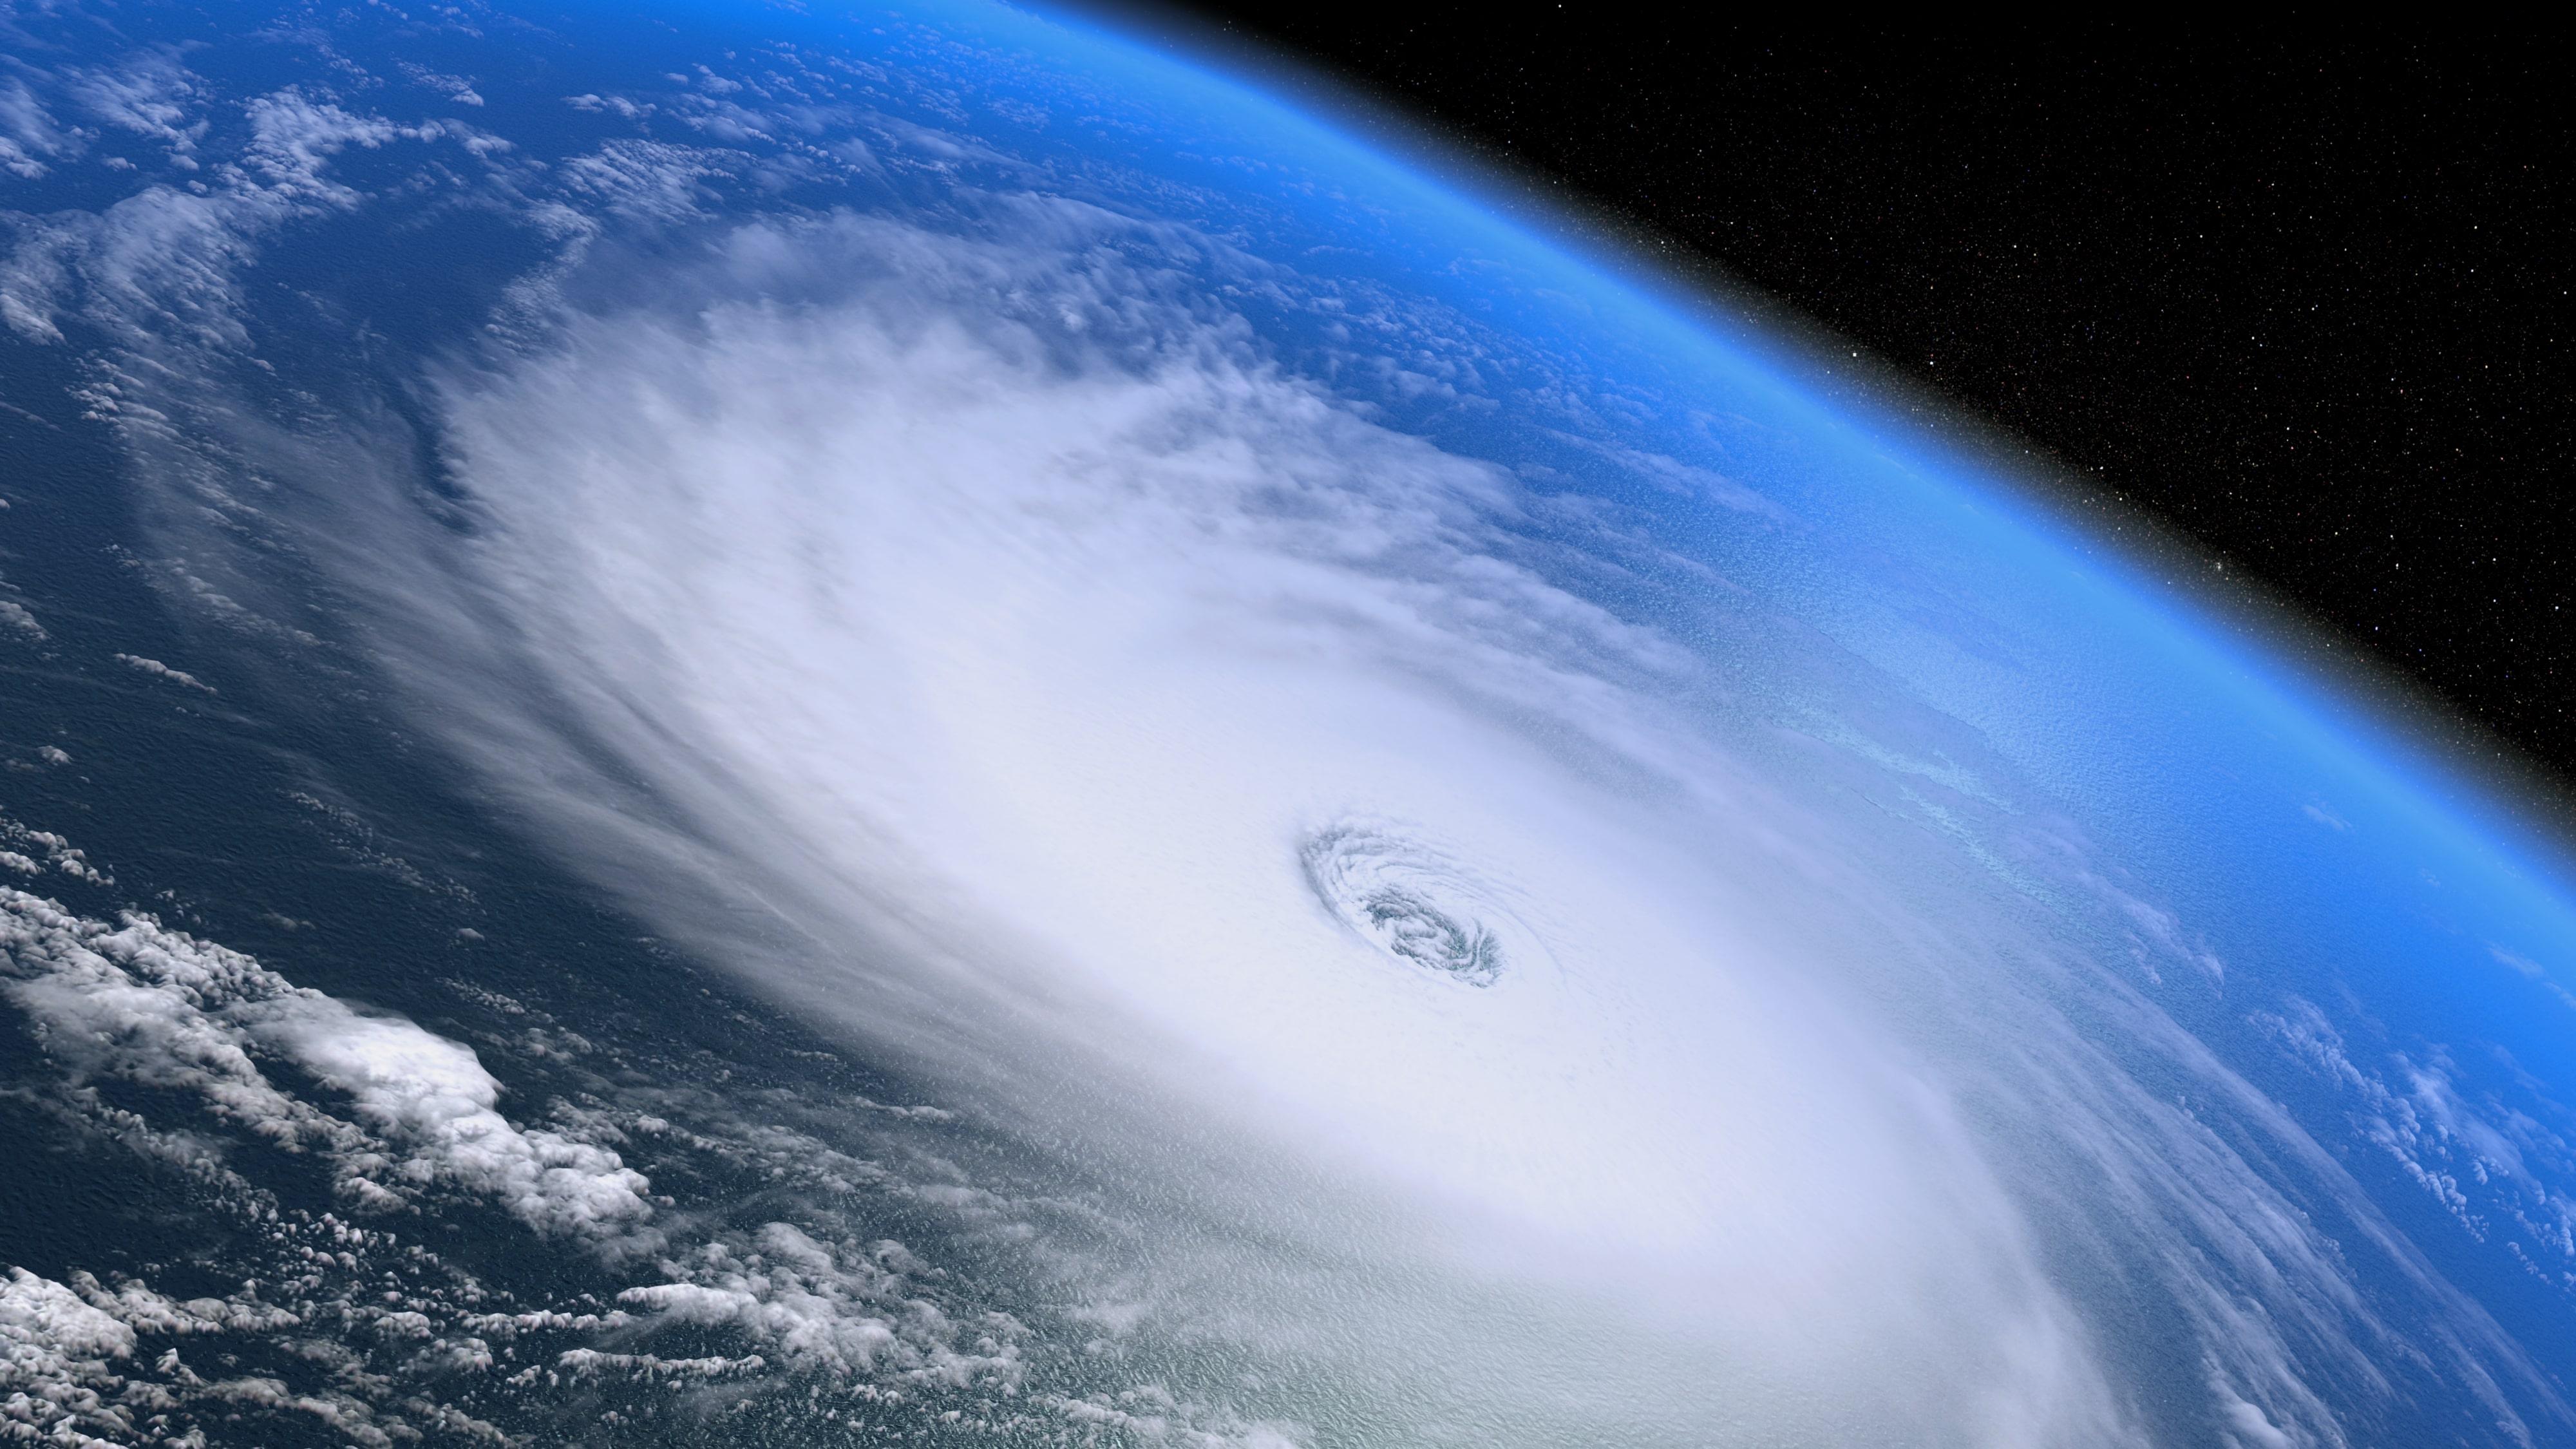 Ураган Исаак утратил свою силу и пройдет мимо Доминиканы